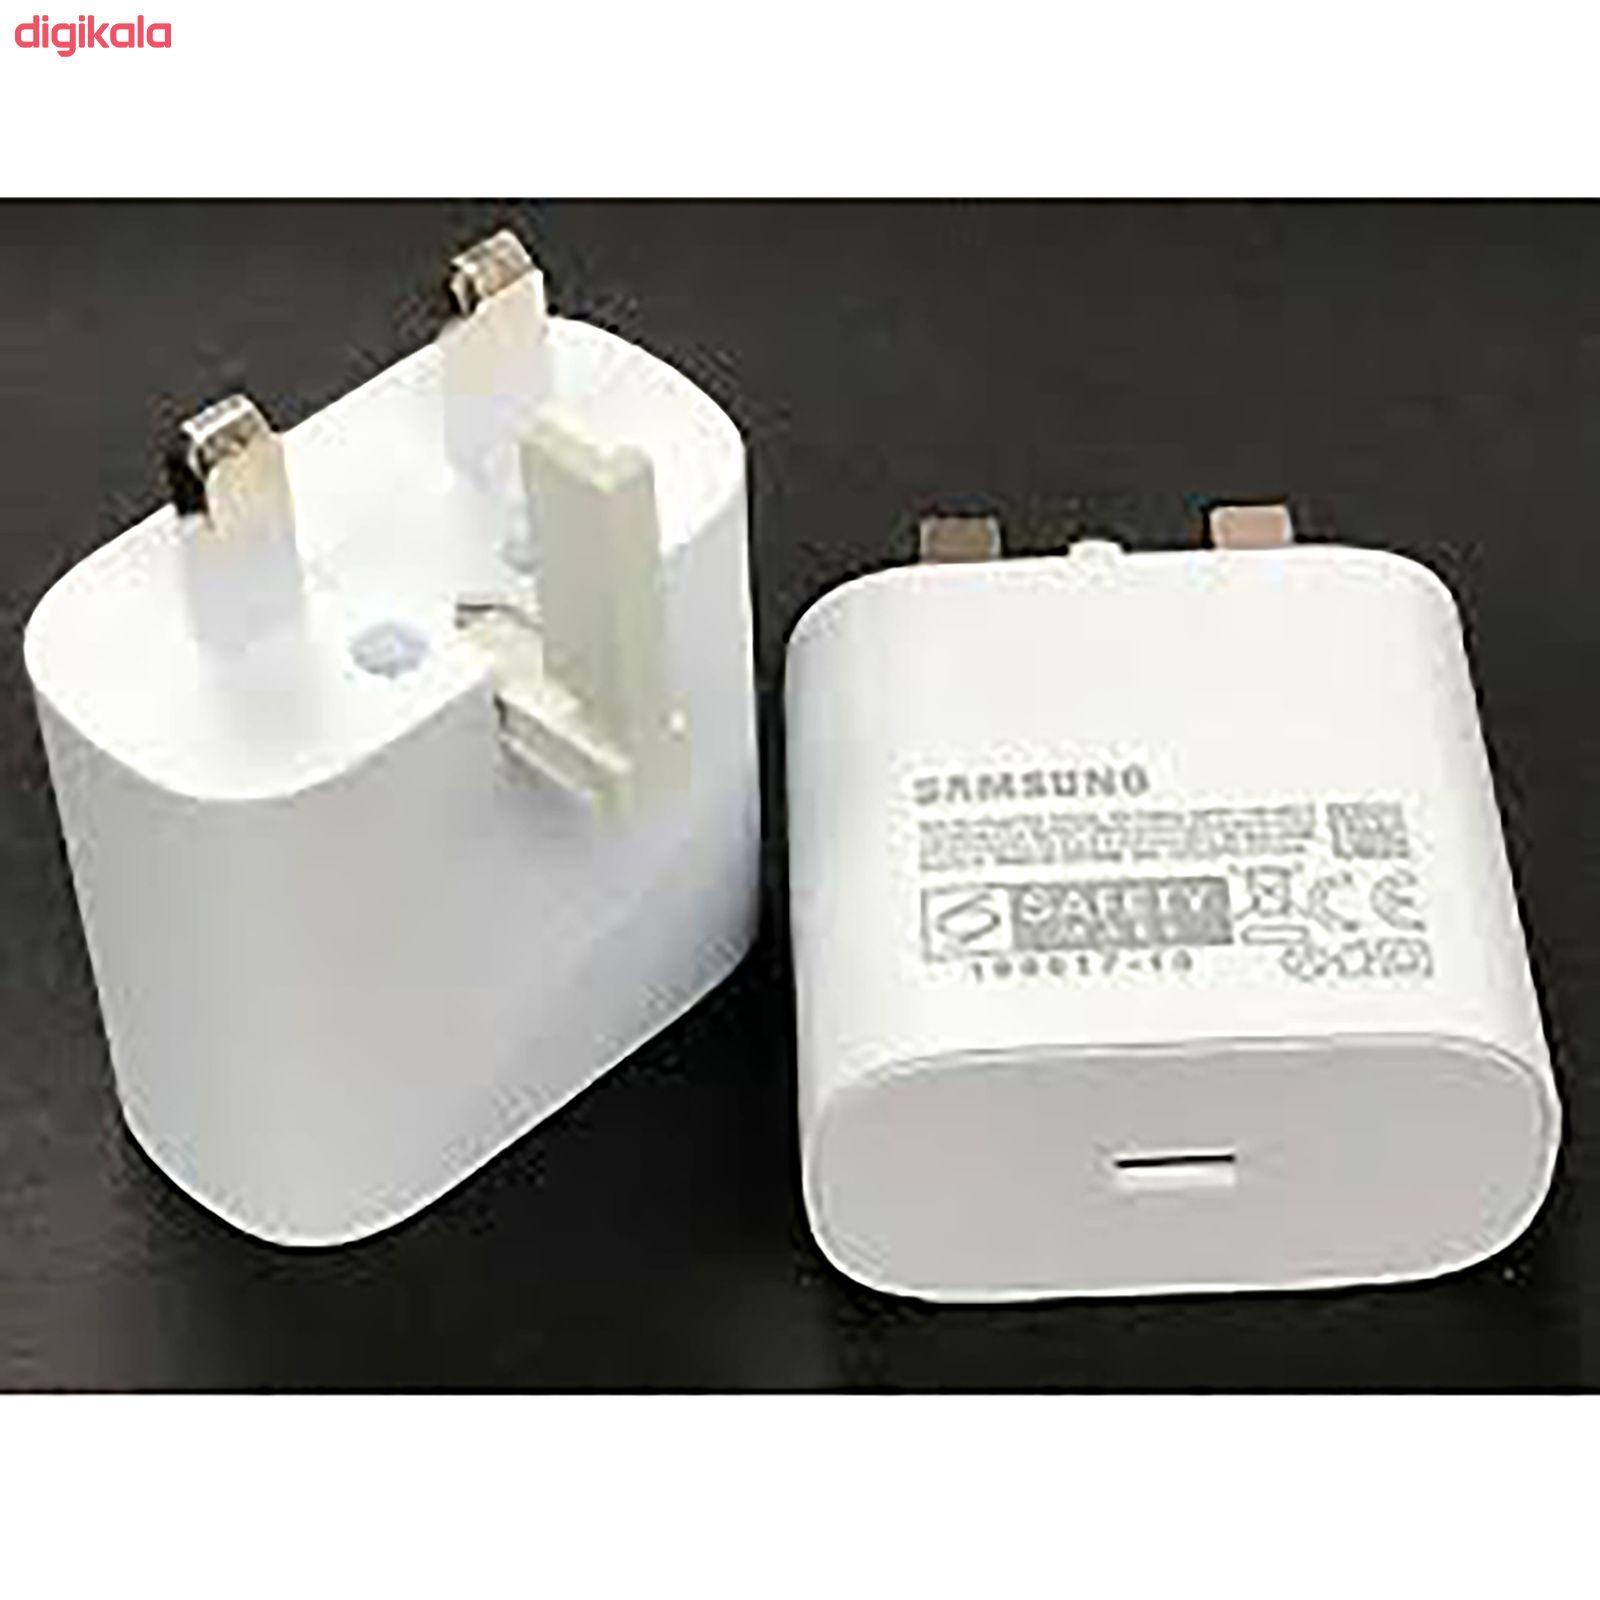 شارژر دیواری سامسونگ مدل EP-TA800 به همراه کابل تبدیل USB-C main 1 9